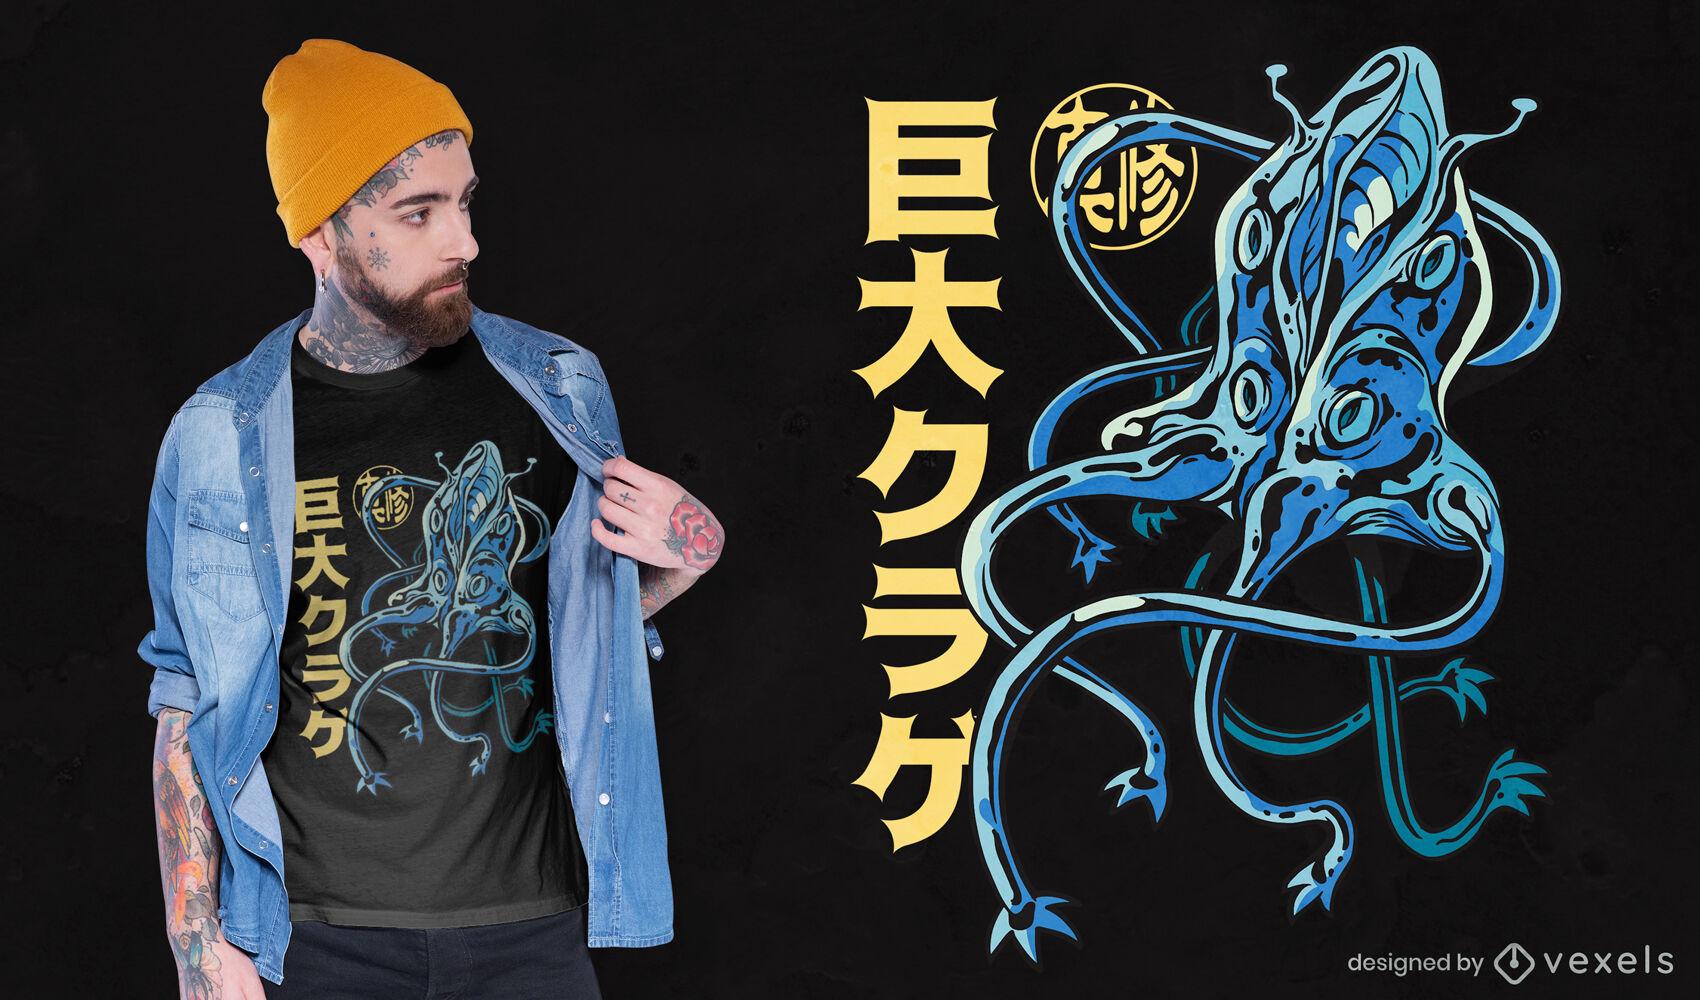 Jellyfish japanese monster anime t-shirt design